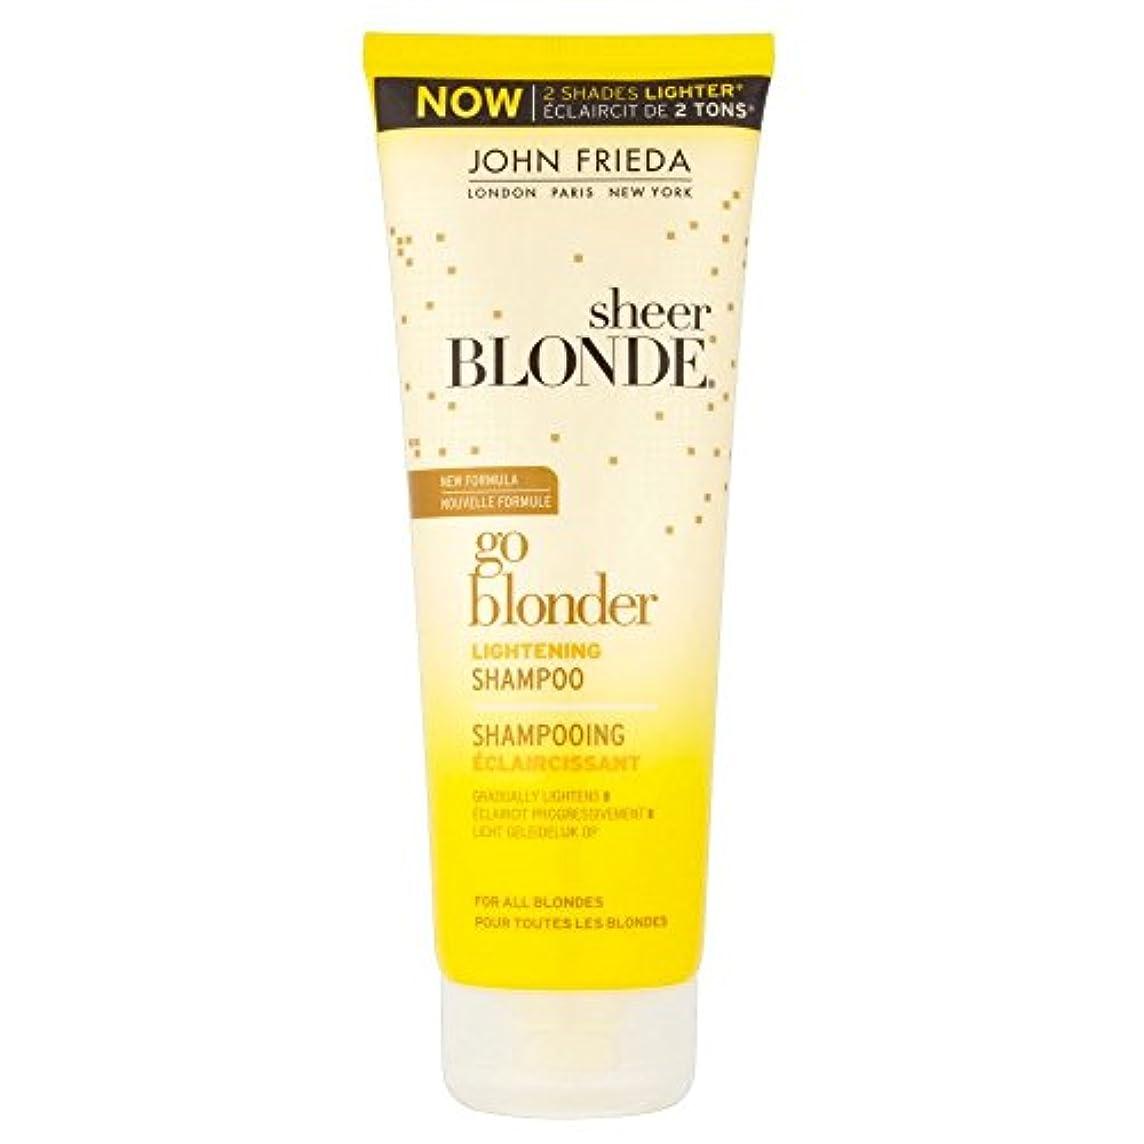 弾薬申請中カジュアルJohn Frieda Sheer Blonde Go Blonder Shampoo (250ml) ジョン?フリーダ薄手のブロンド囲碁blonderシャンプー( 250ミリリットル) [並行輸入品]